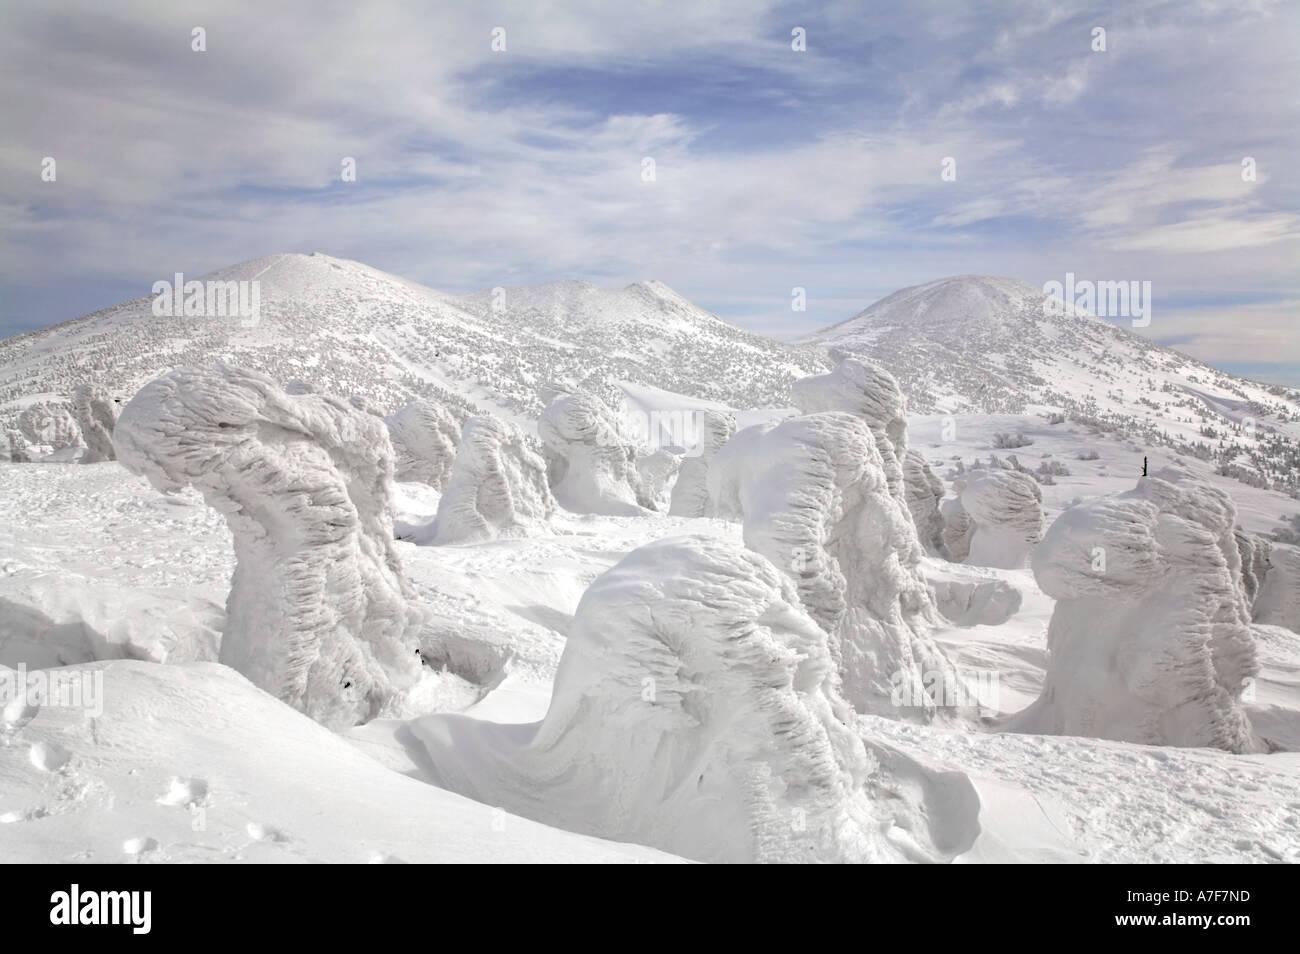 Monstros de neve - árvores com neve congelada no inverno para eles no monte Hakkoda Japão Imagens de Stock